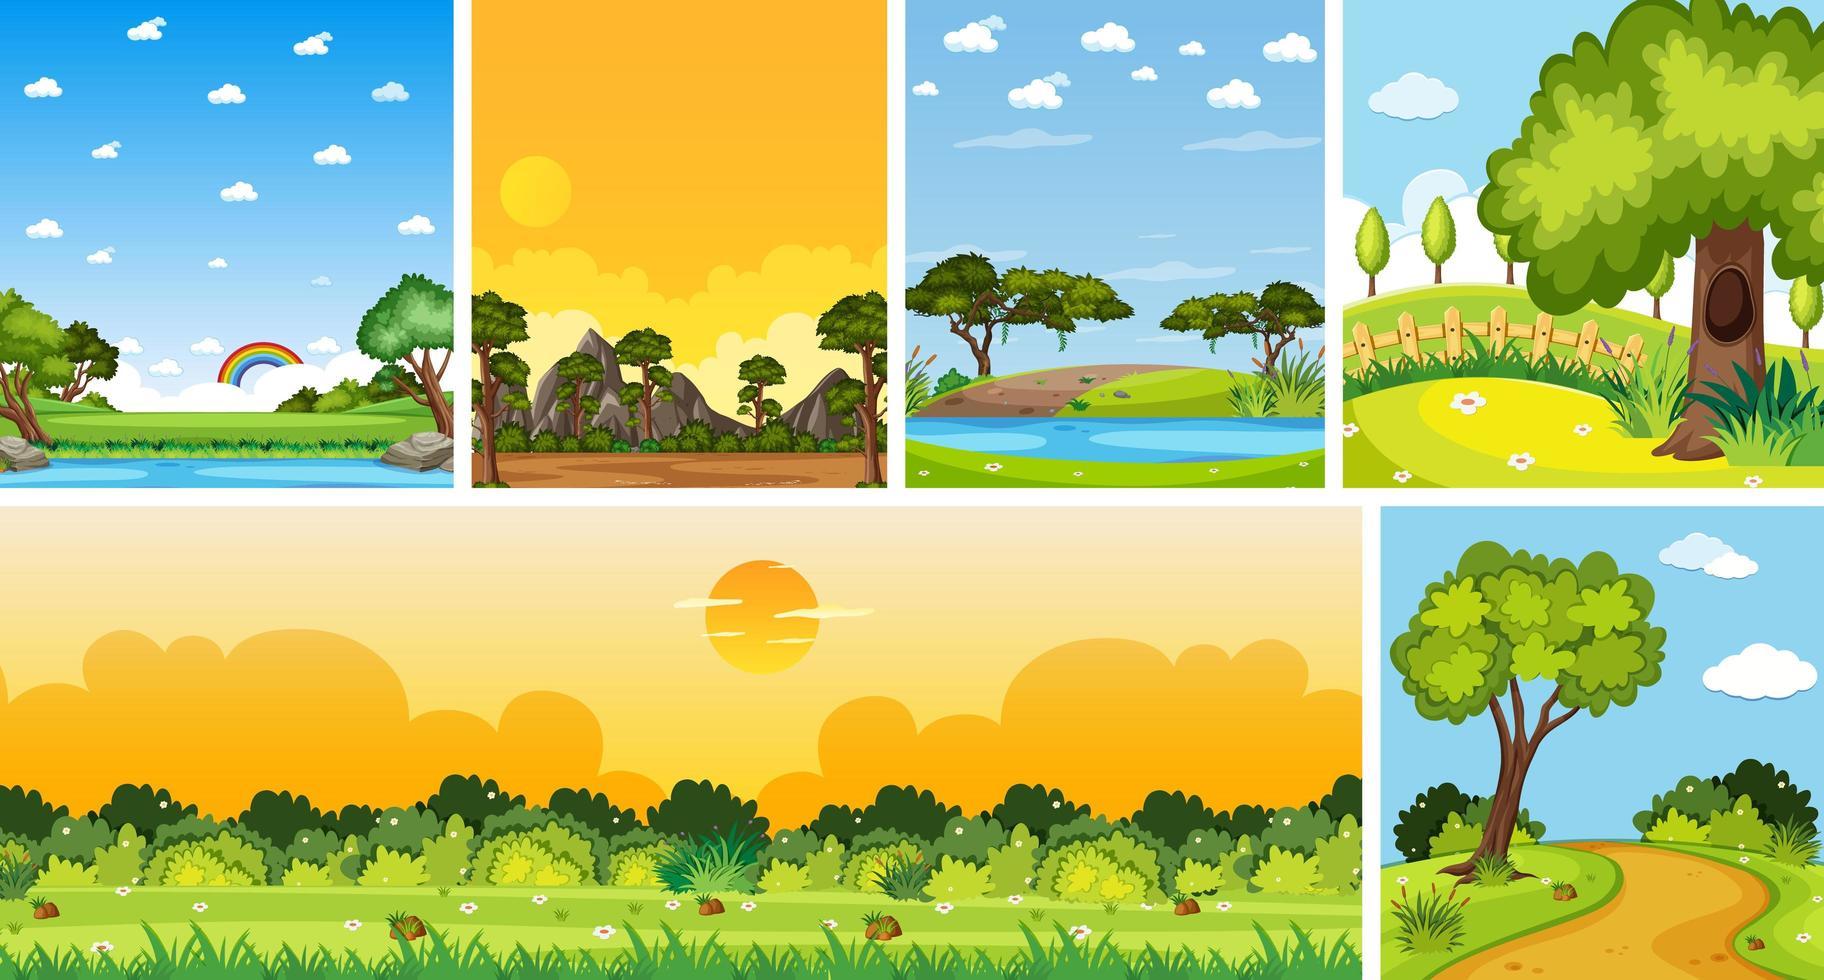 Satz von verschiedenen Naturplatzszenen in vertikalen und Horizontszenen während des Tages vektor